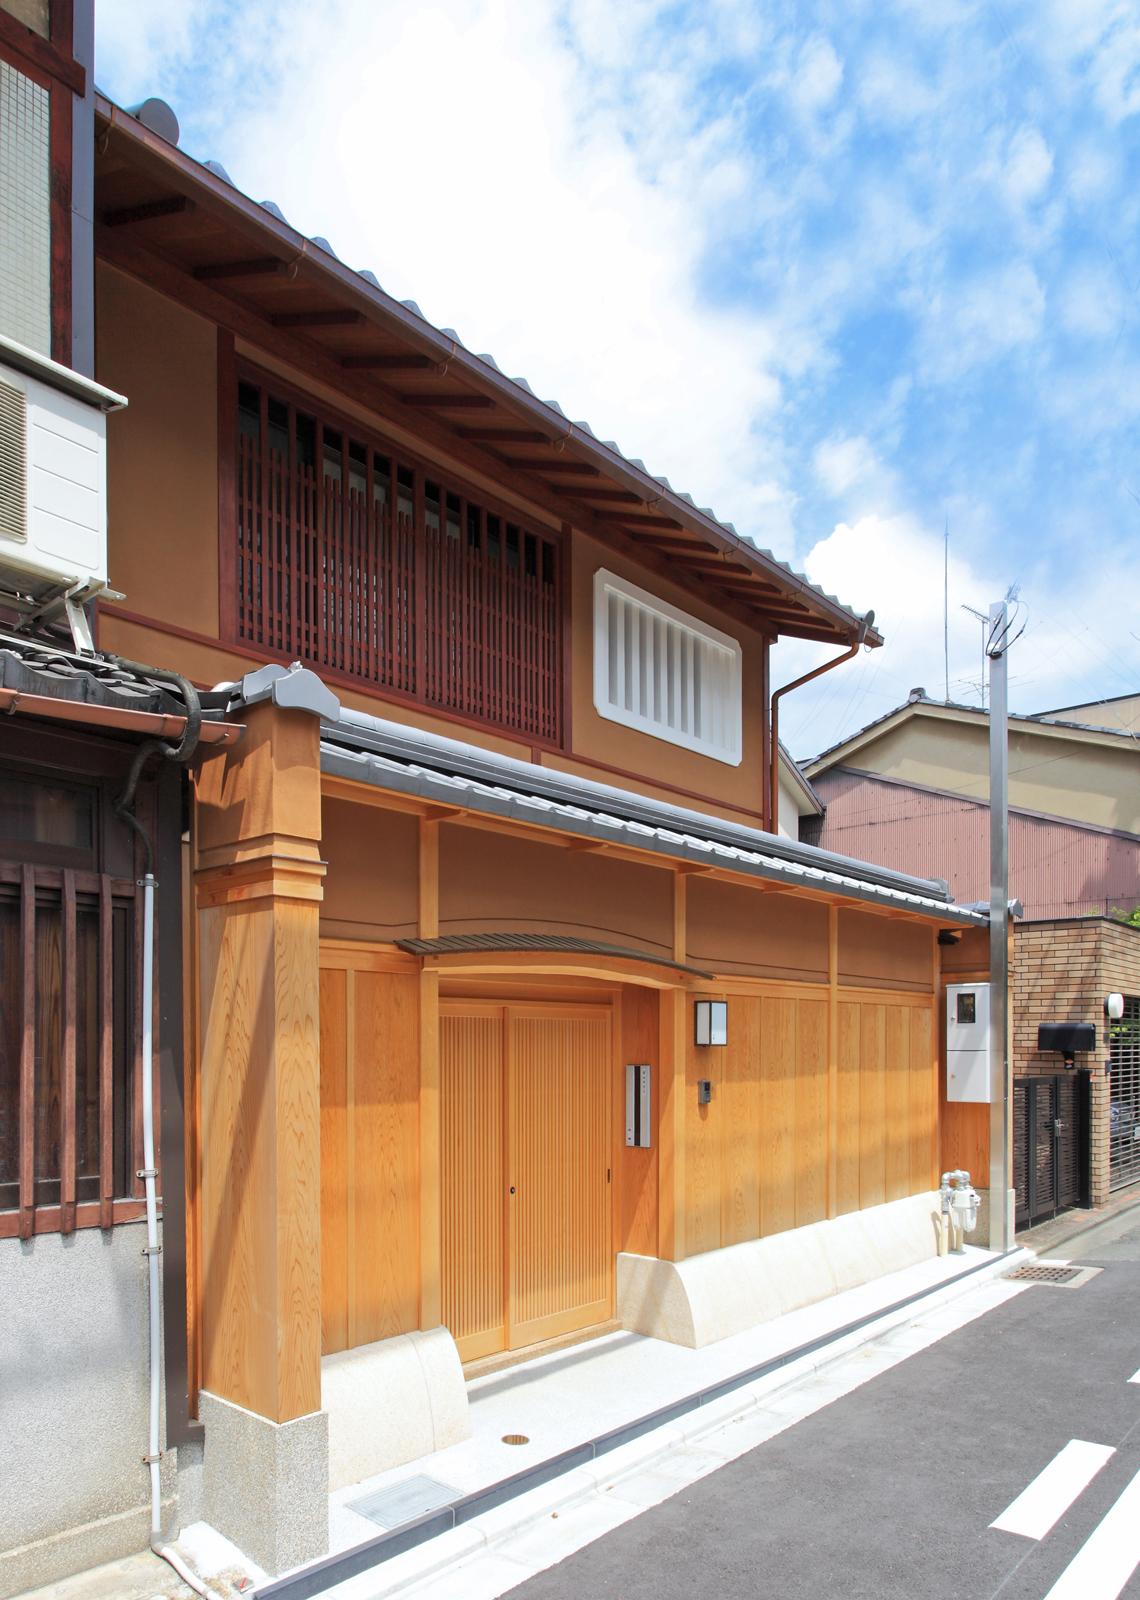 Ɵ�馬場通のお茶室(松尾流)(京都市中京区)|アーキヴィジョン企画建築事務所